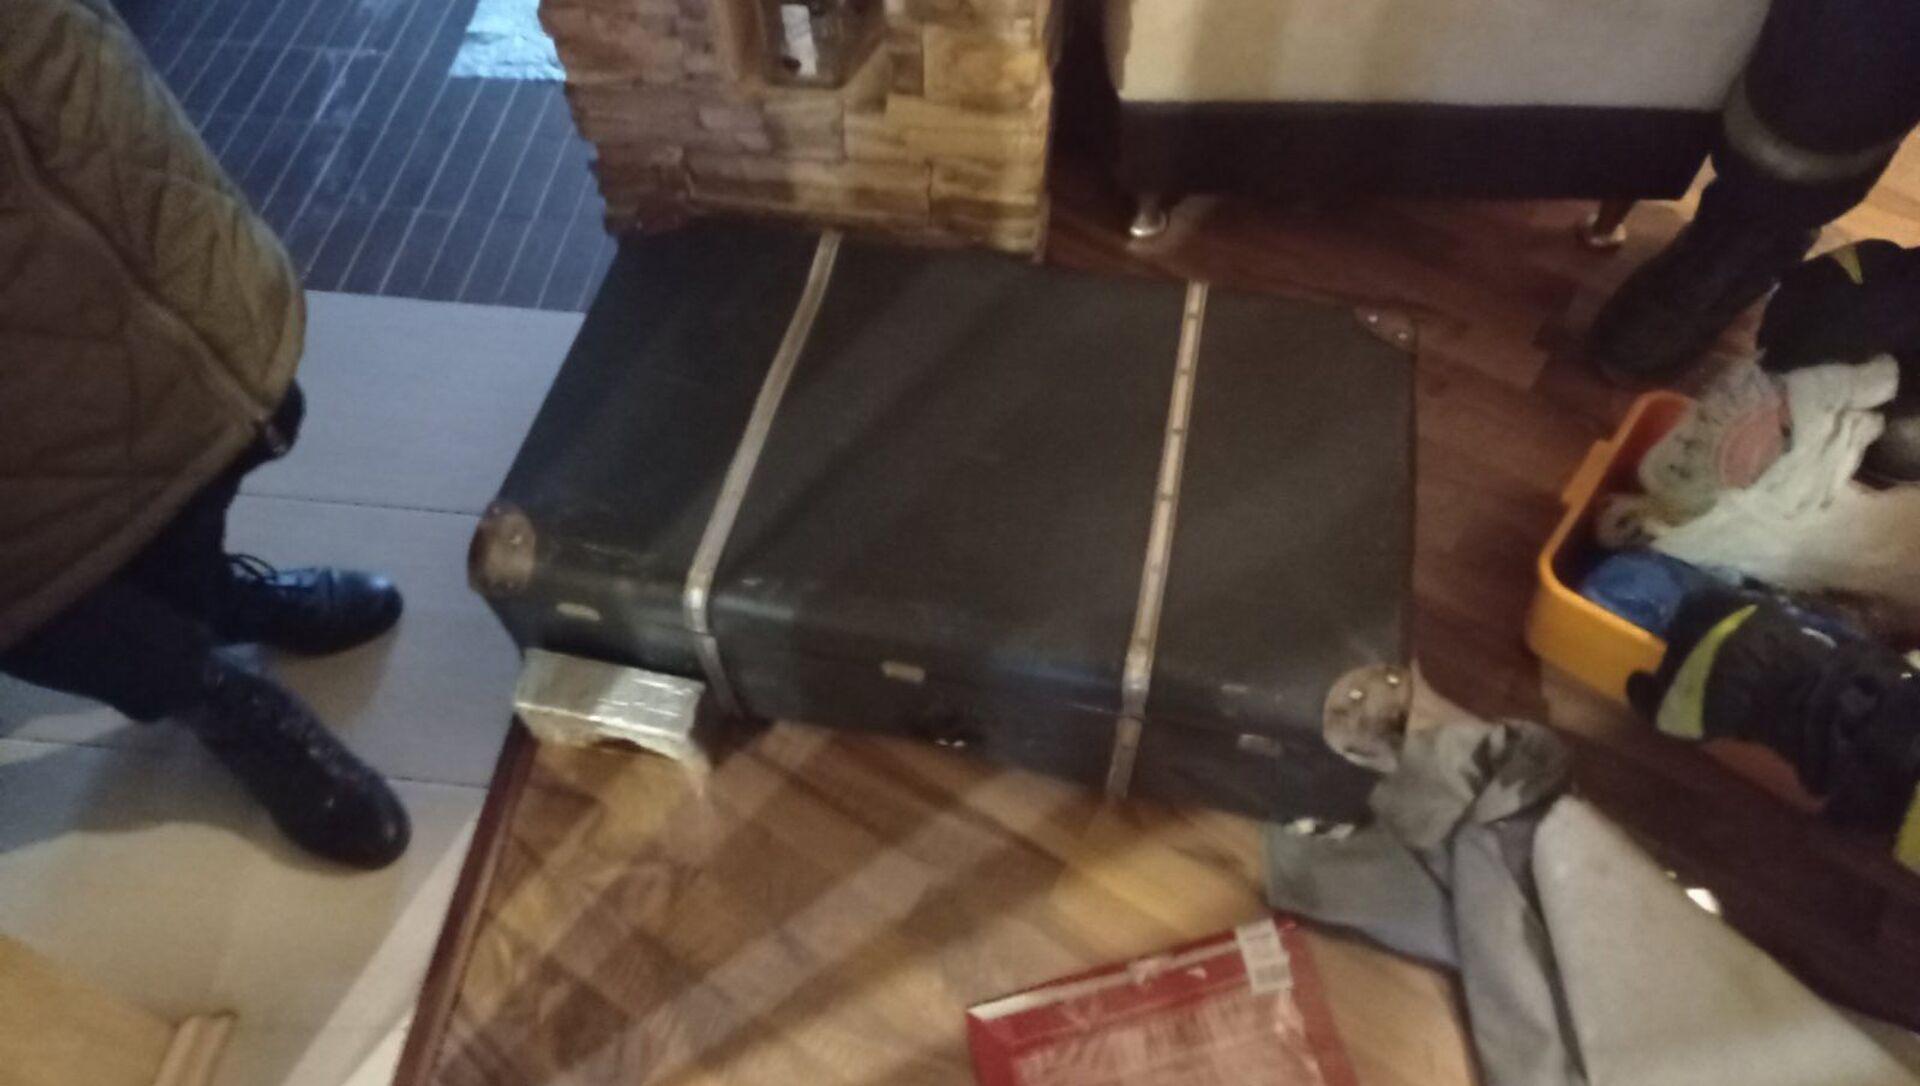 Вызвавший переполох чемодан - Sputnik Беларусь, 1920, 22.04.2021